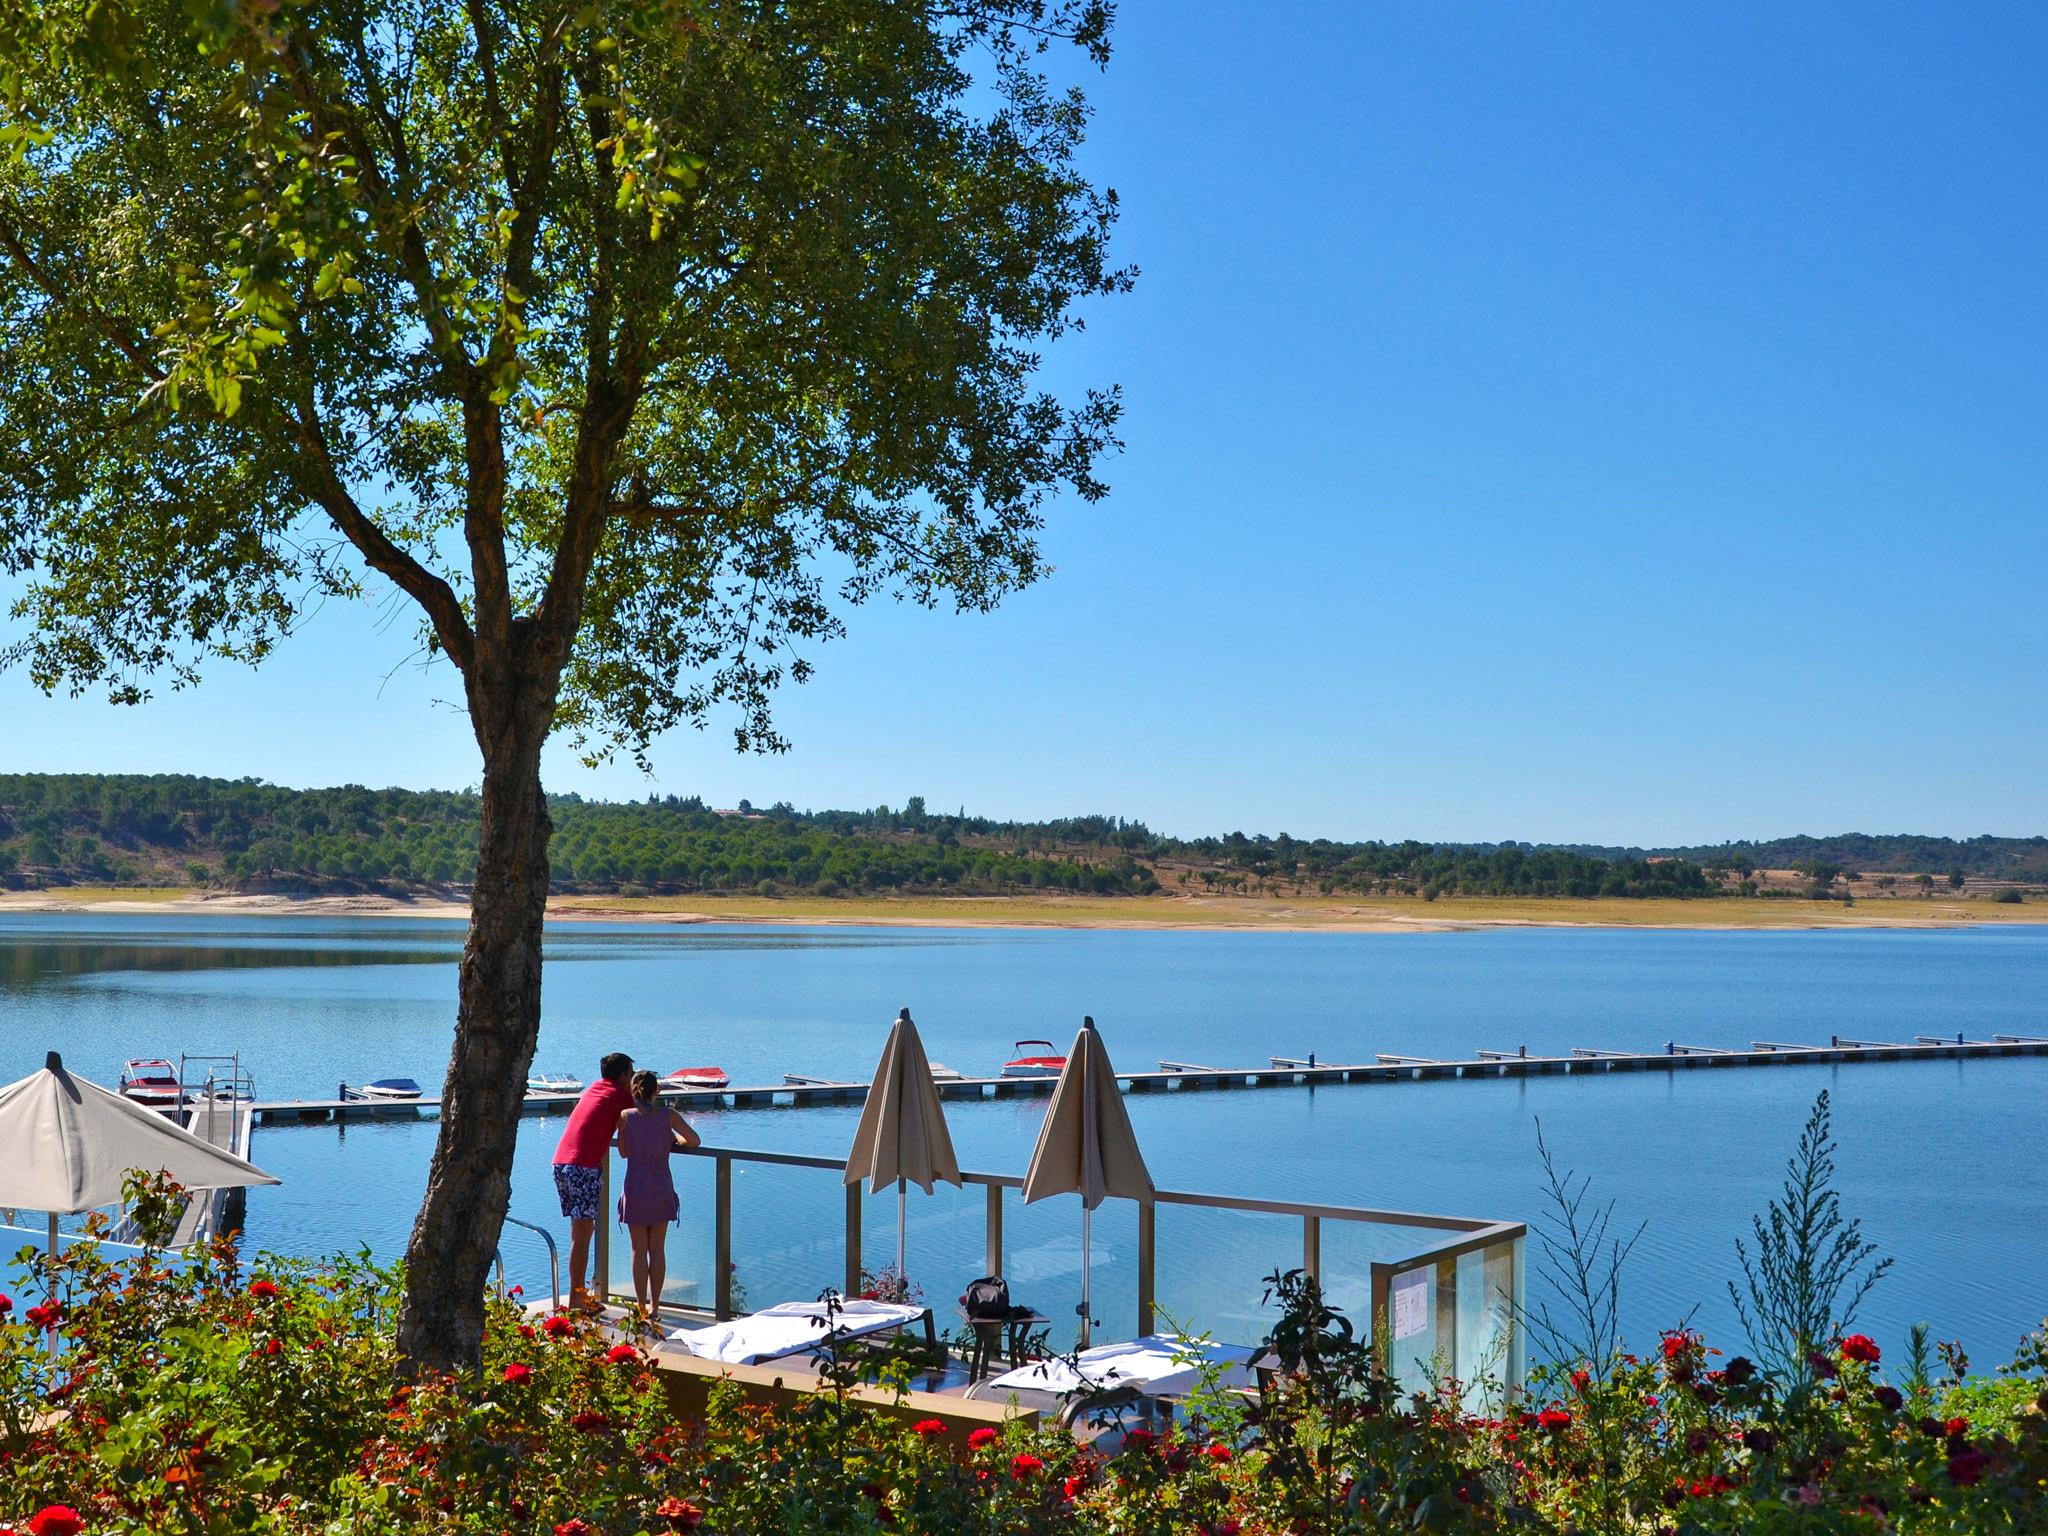 Lago Montargil e Villas, do Hotel do Lago